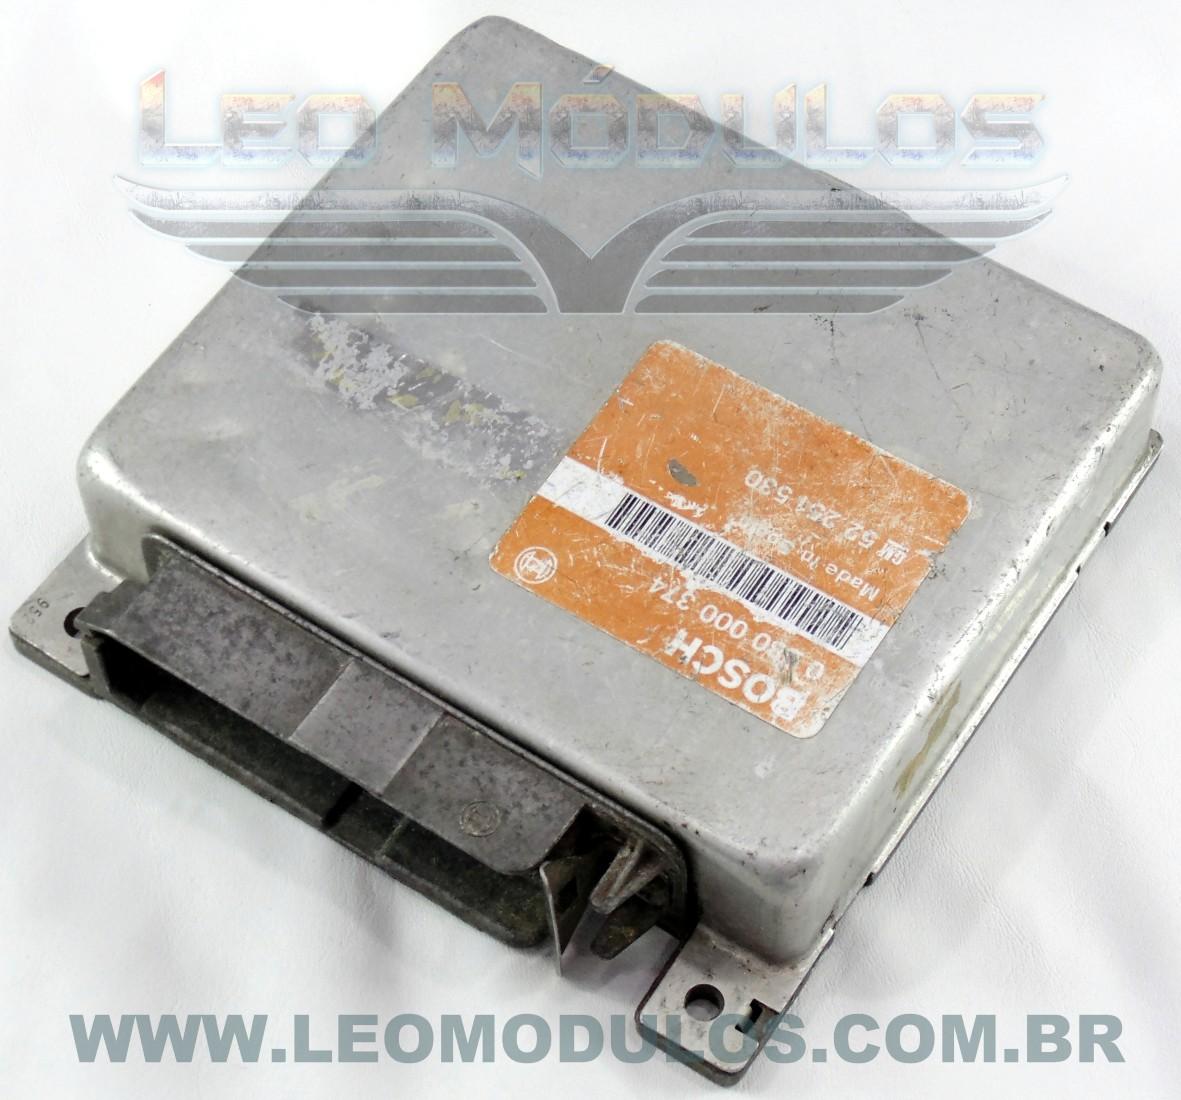 Módulo de injeção bosch - 0280000374 52251530 - Chevrolet Monza 500 Classic 2.0 8V - 0 280 000 374 - Leo Módulos